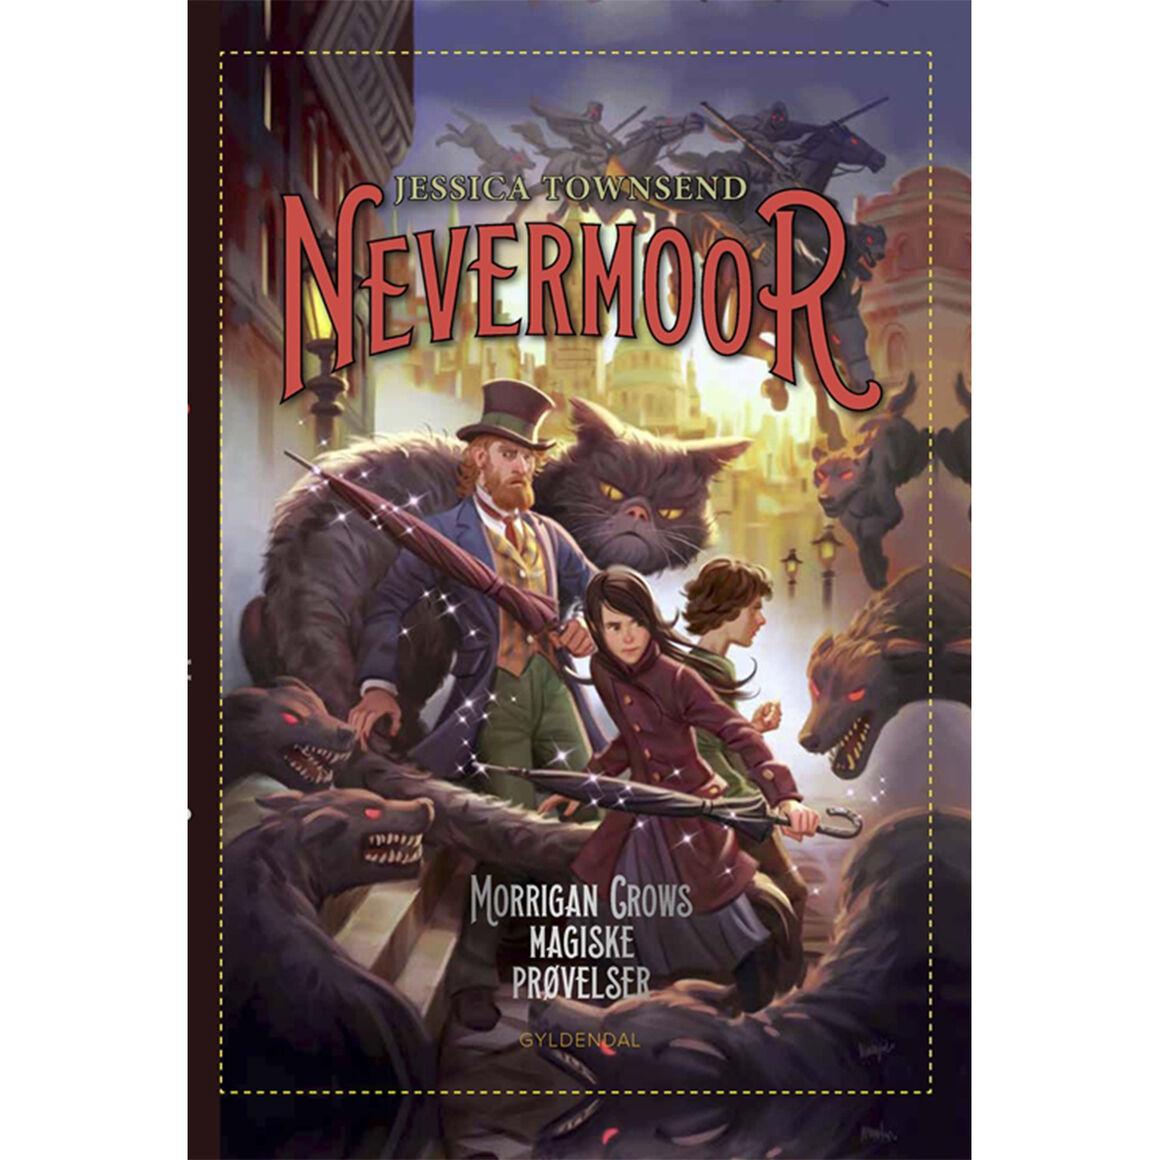 Nevermore – Morrigan Crows magiske prøvelser